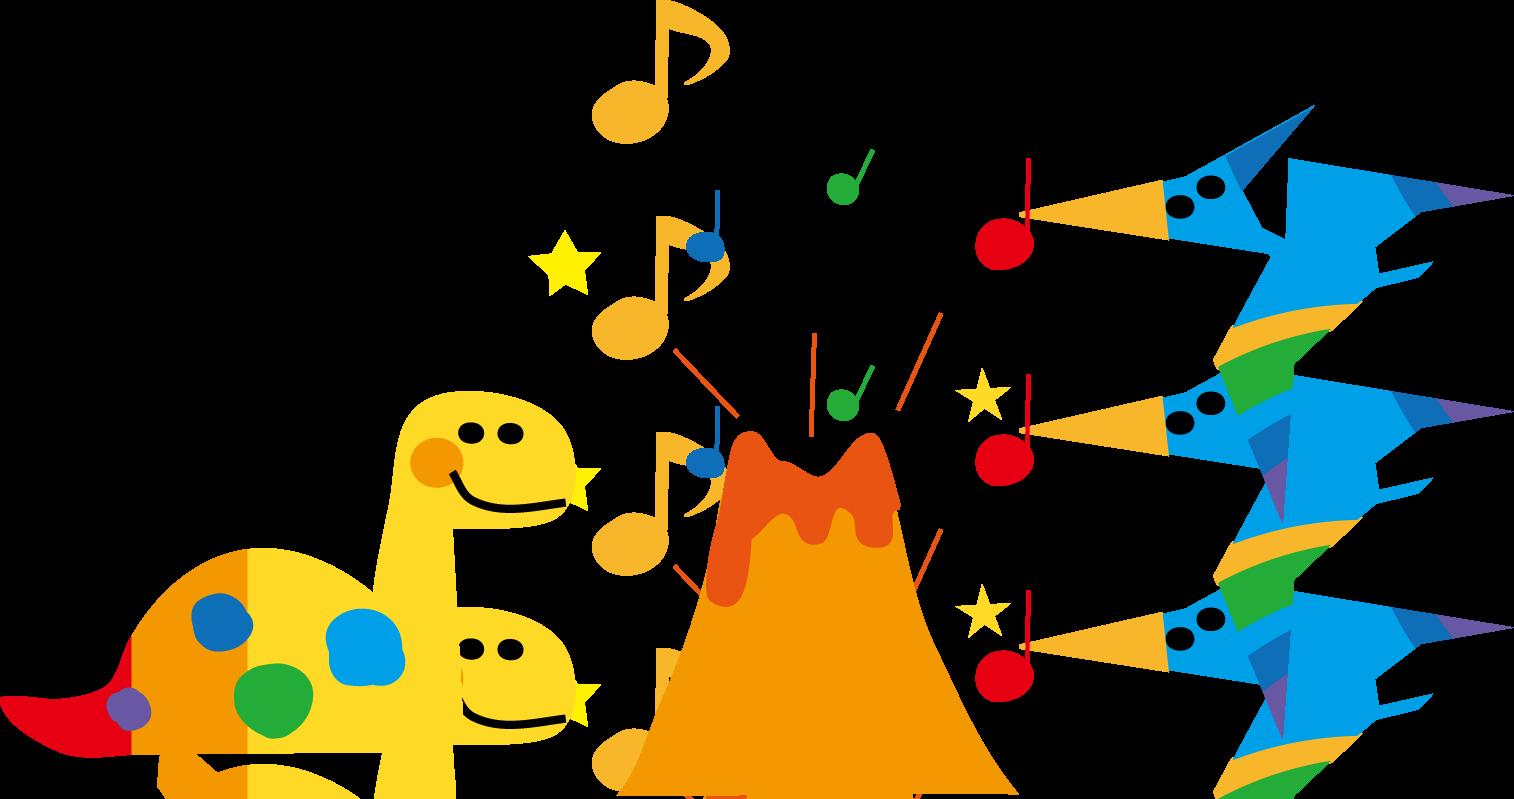 恐竜のイラスト-無料イラスト